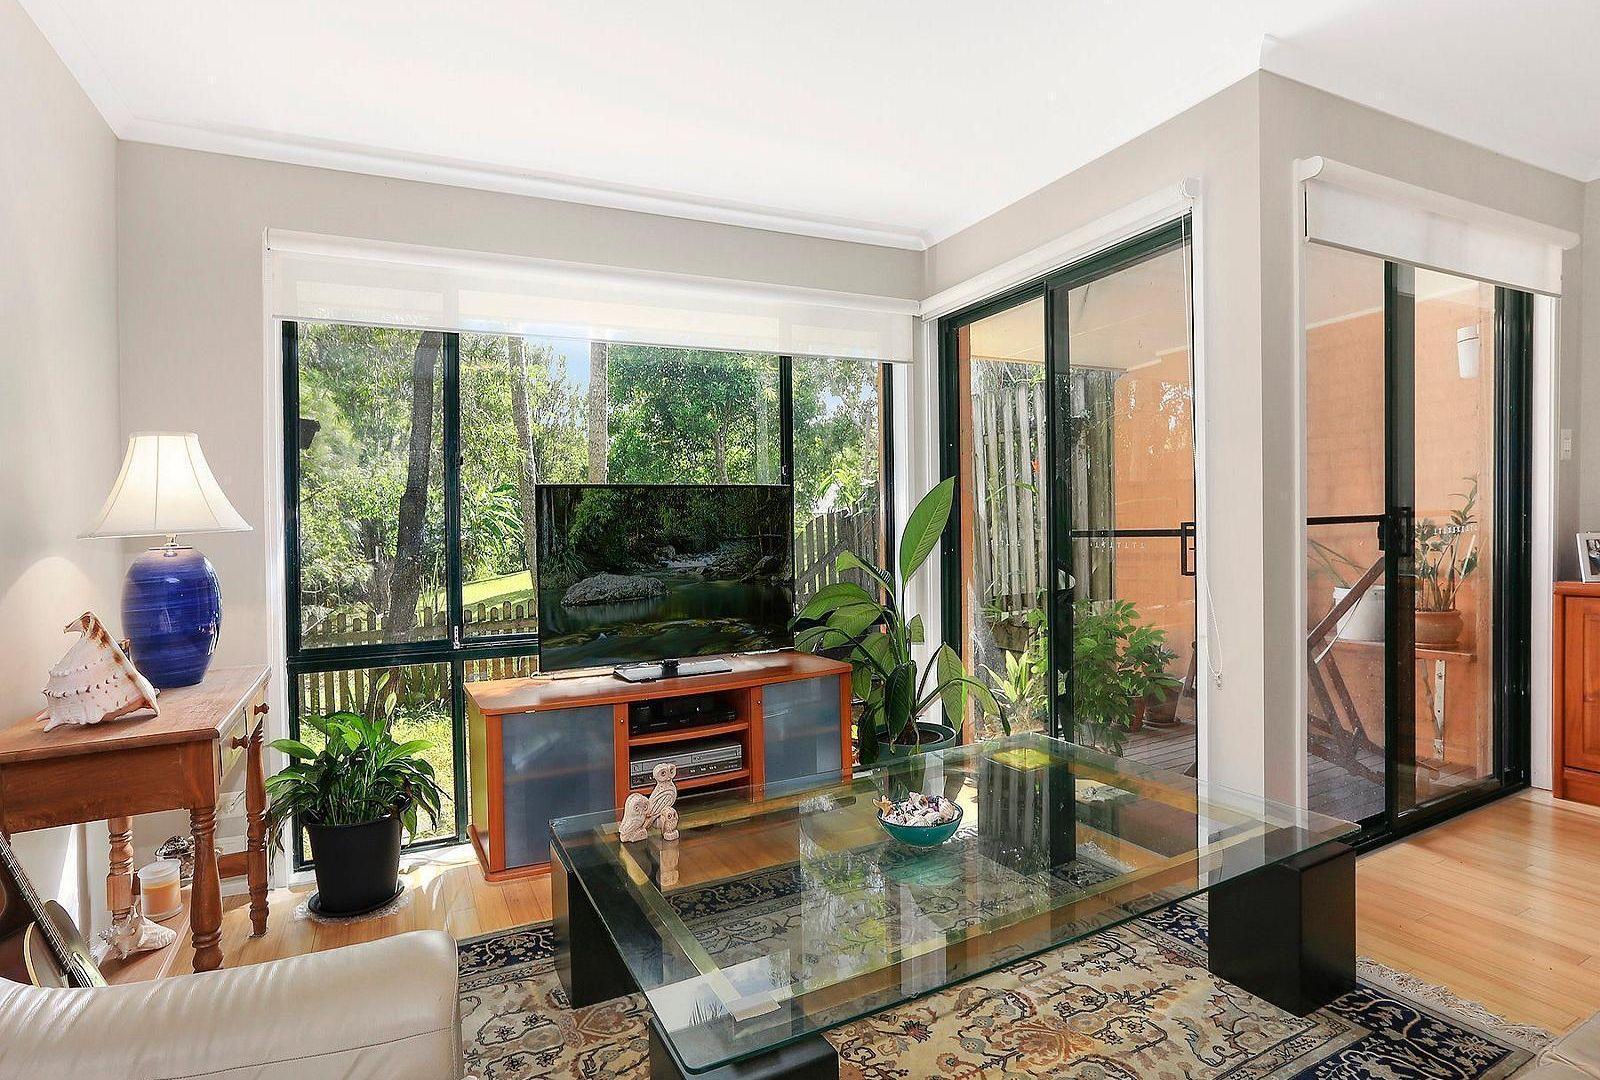 10/17 Mahogany Drive, Byron Bay NSW 2481, Image 1